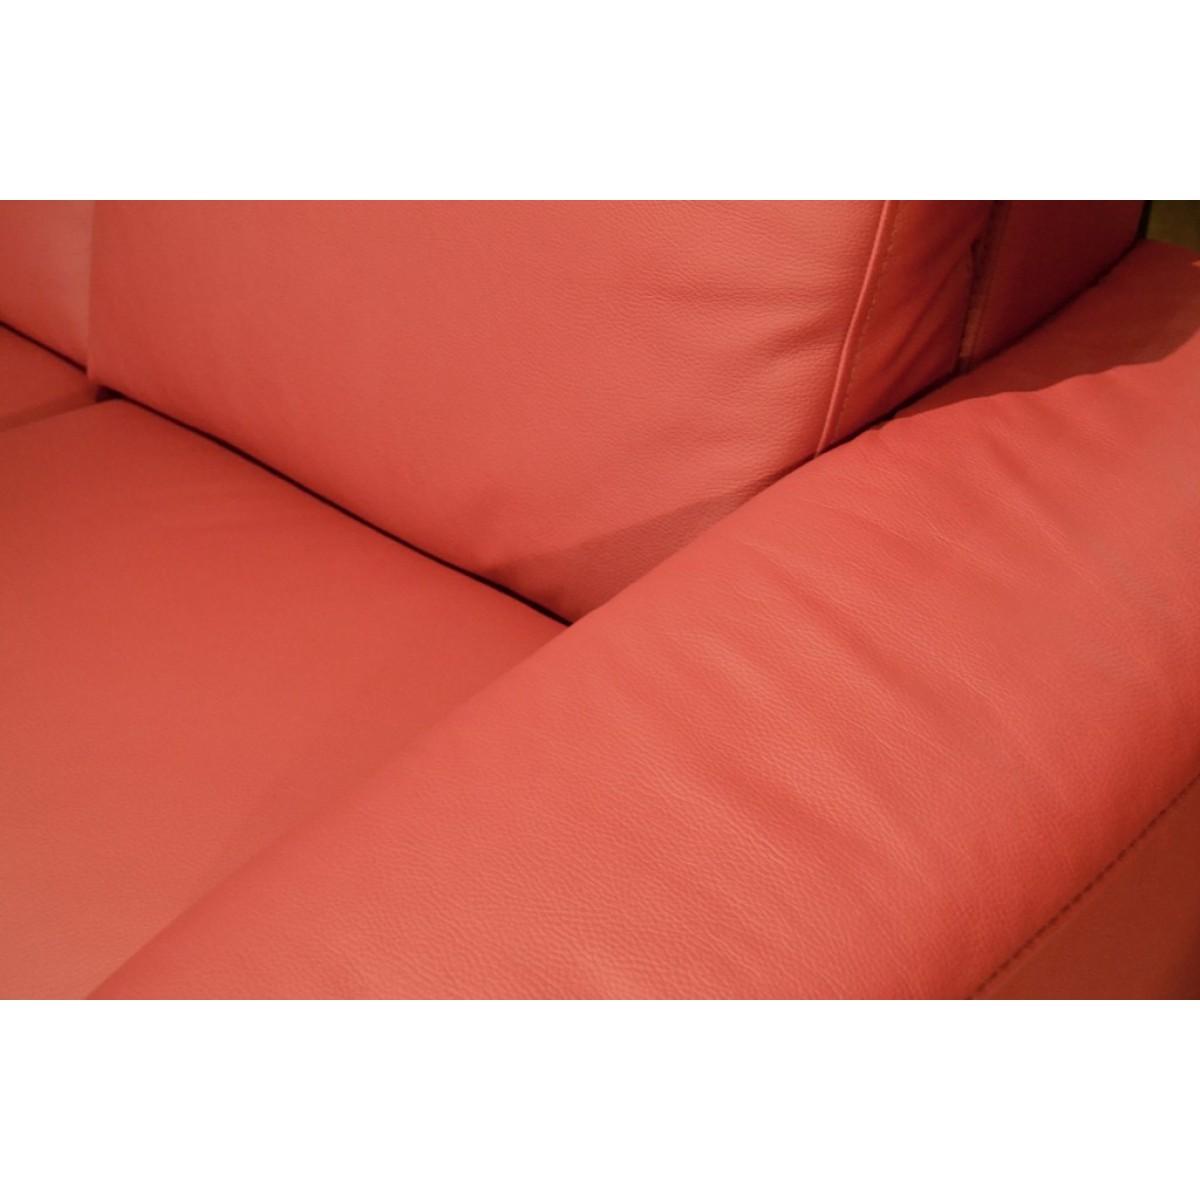 1981-relax-hoekbank-leer-hjort-knudsen-electrische-relaxen-soleda-toledo-red-44-detail